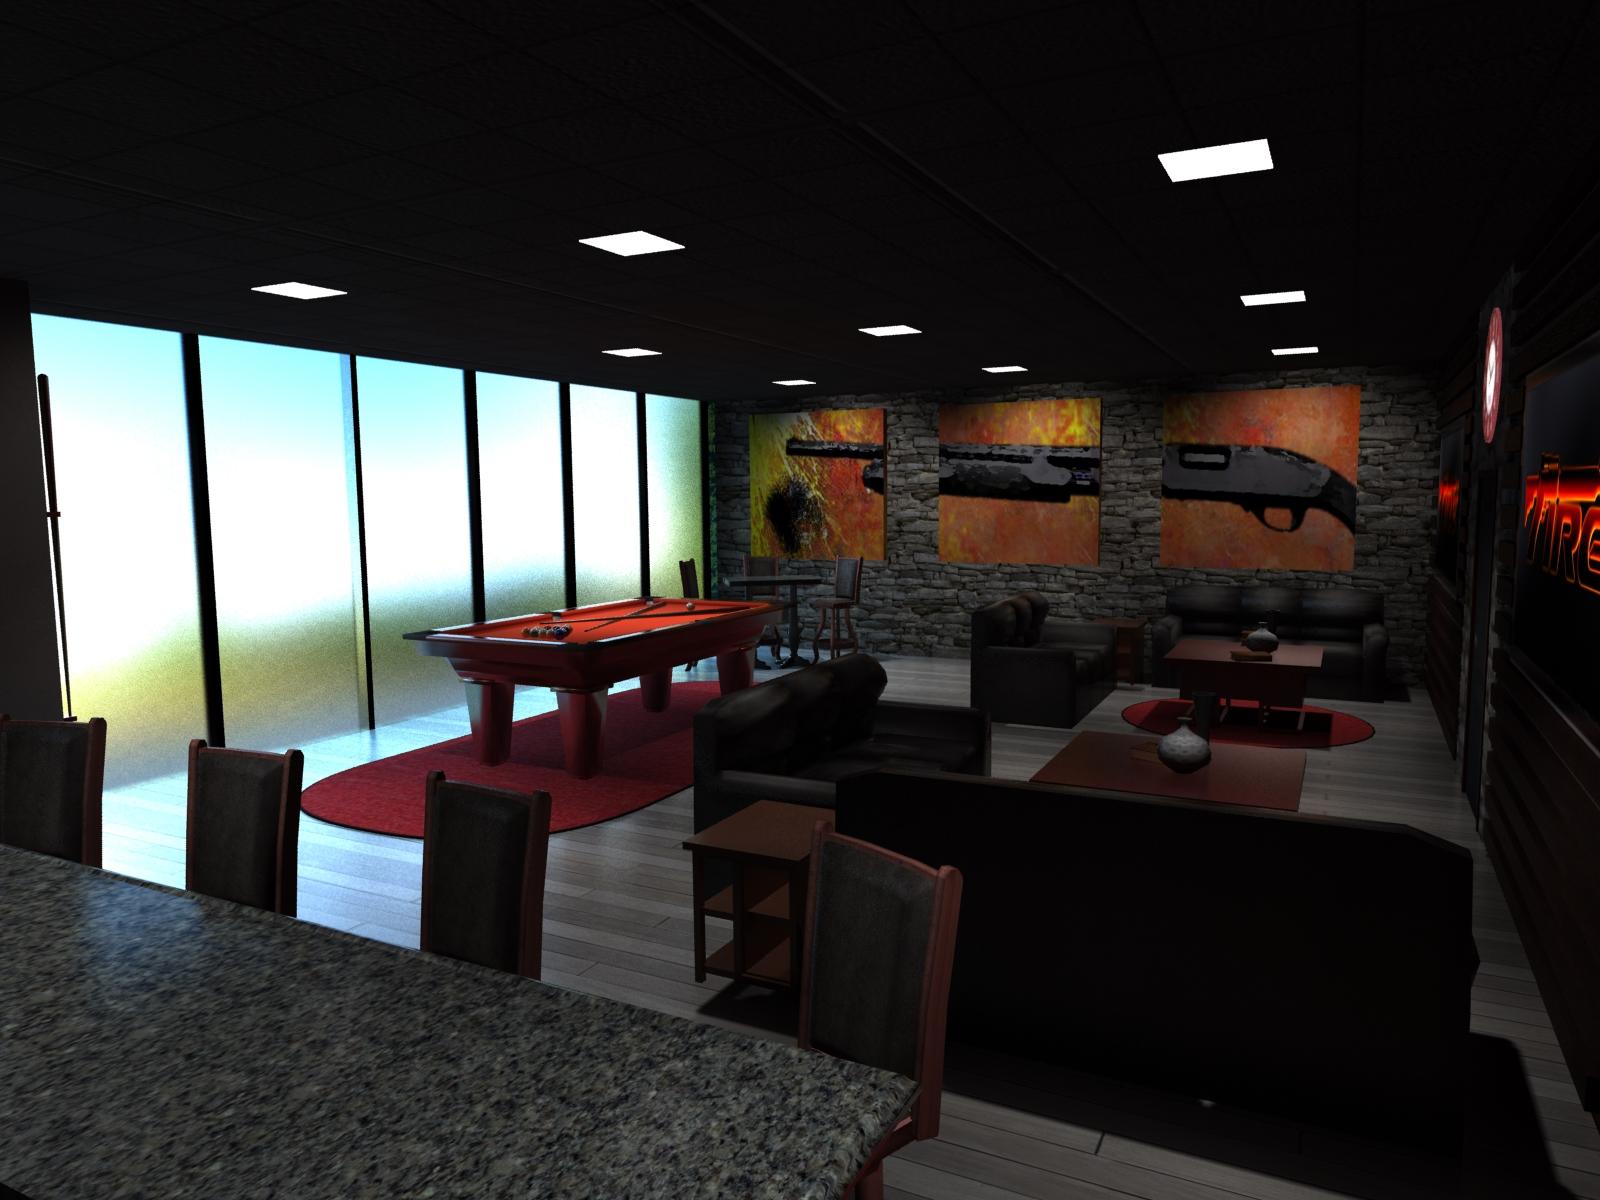 VIP Lounge Conceptual Design